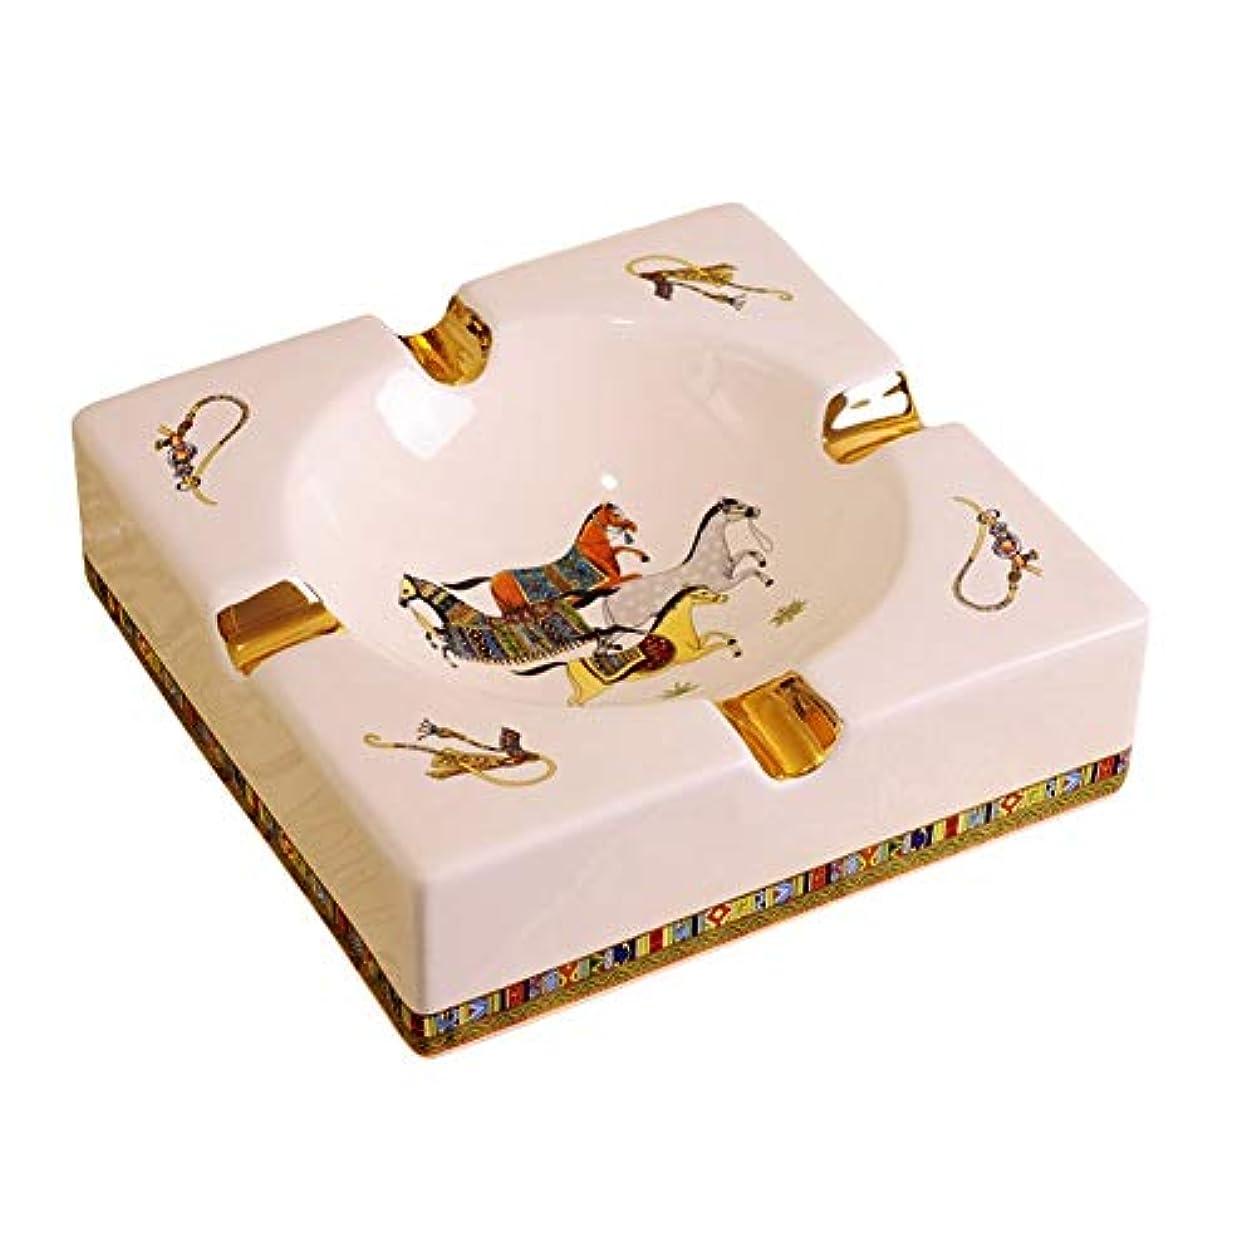 4溝馬のパターンデスクトップで豪華ヨーロッパスタイルの葉巻灰皿屋内屋外のエレガントなホームデコレーション用の灰皿喫煙